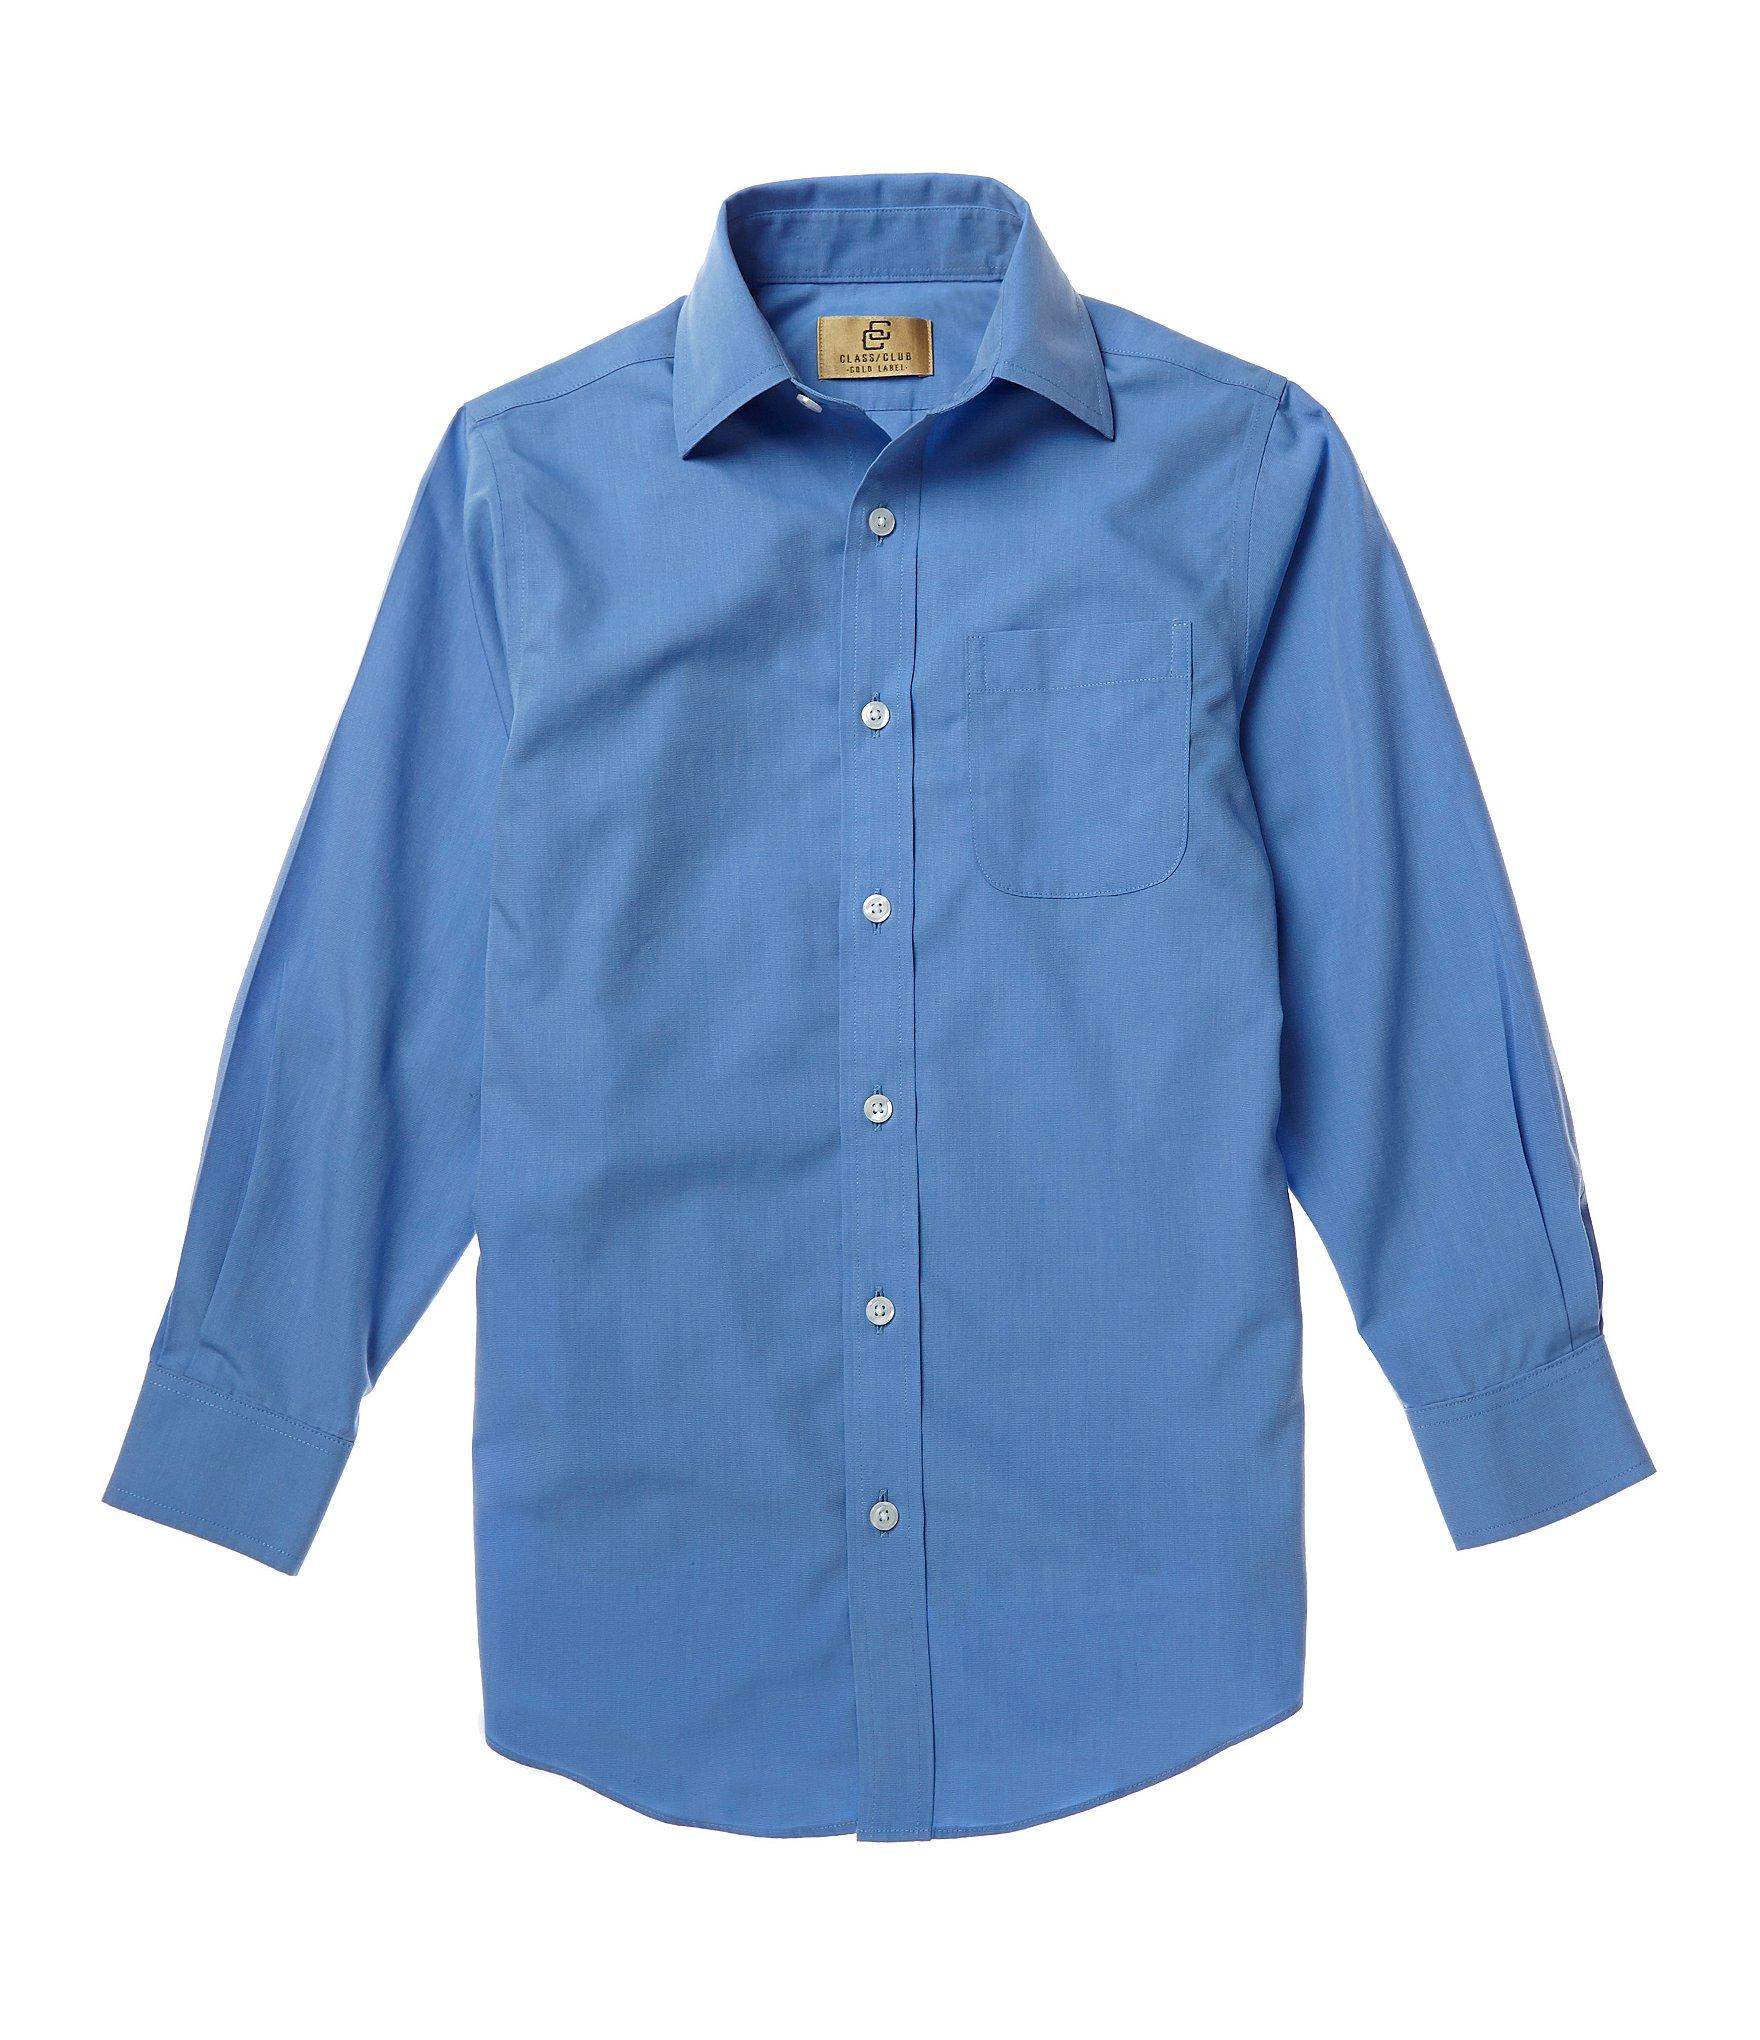 Get Discounts on SKU#DFG Boys Gold Satin Dress Shirt Combo on hereuloadu5.ga(89).